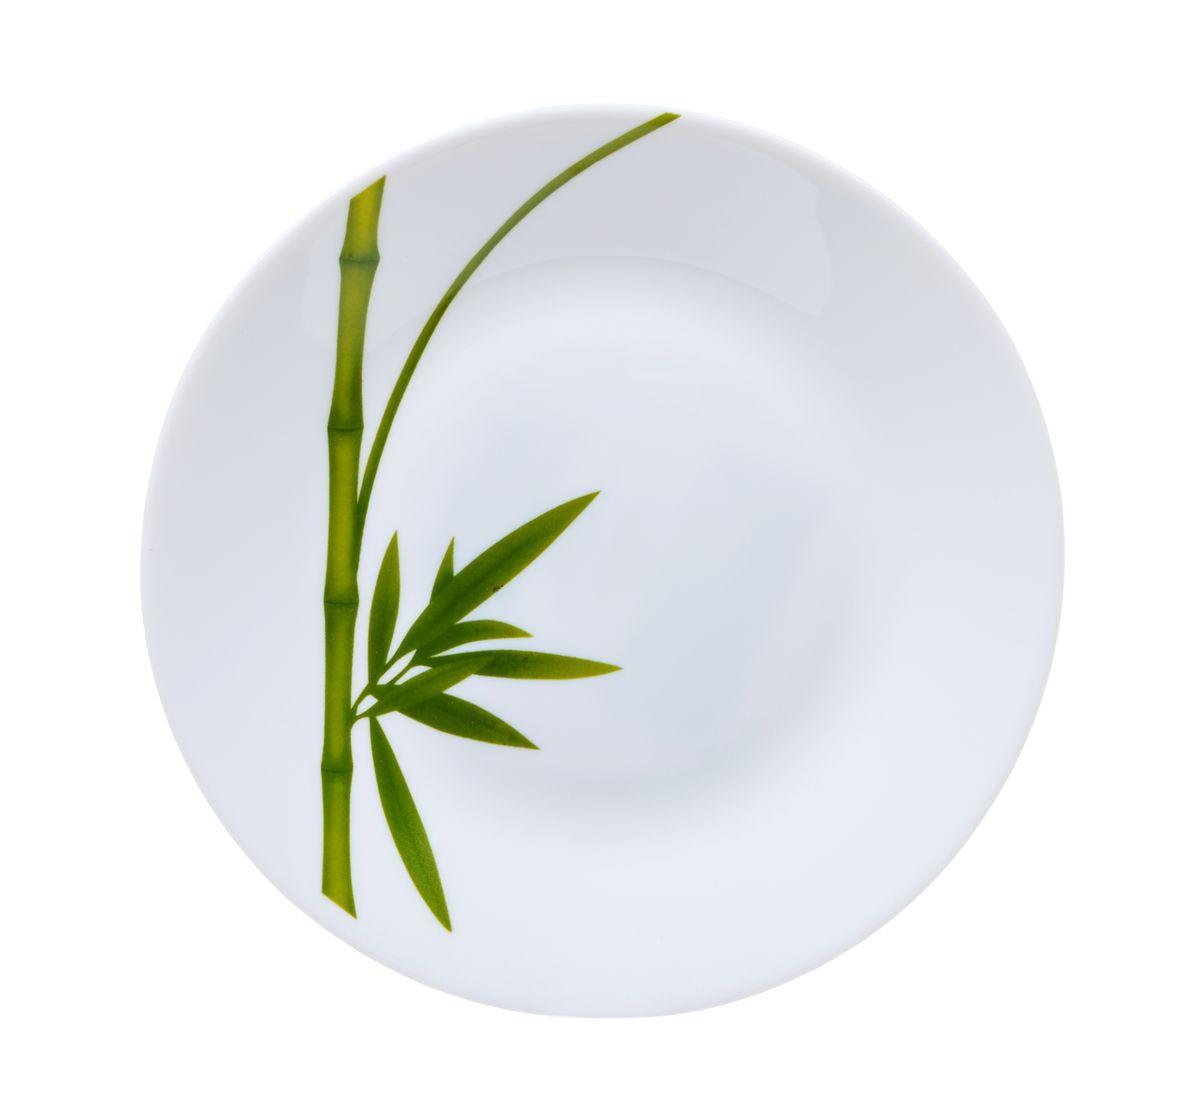 Тарелка десертная La Opala Бамбук, диаметр 19 смOPFG002Тарелка десертная La Opala Бамбук изготовлена из высококачественной стеклокерамики. Предназначена для красивой подачи различных блюд. Изделие украшено ярким рисунком стебля бамбука. Такая тарелка украсит сервировку стола и подчеркнет прекрасный вкус хозяйки. Можно мыть в посудомоечной машине и использовать в микроволновой печи. Диаметр: 19 см. Высота: 2 см.